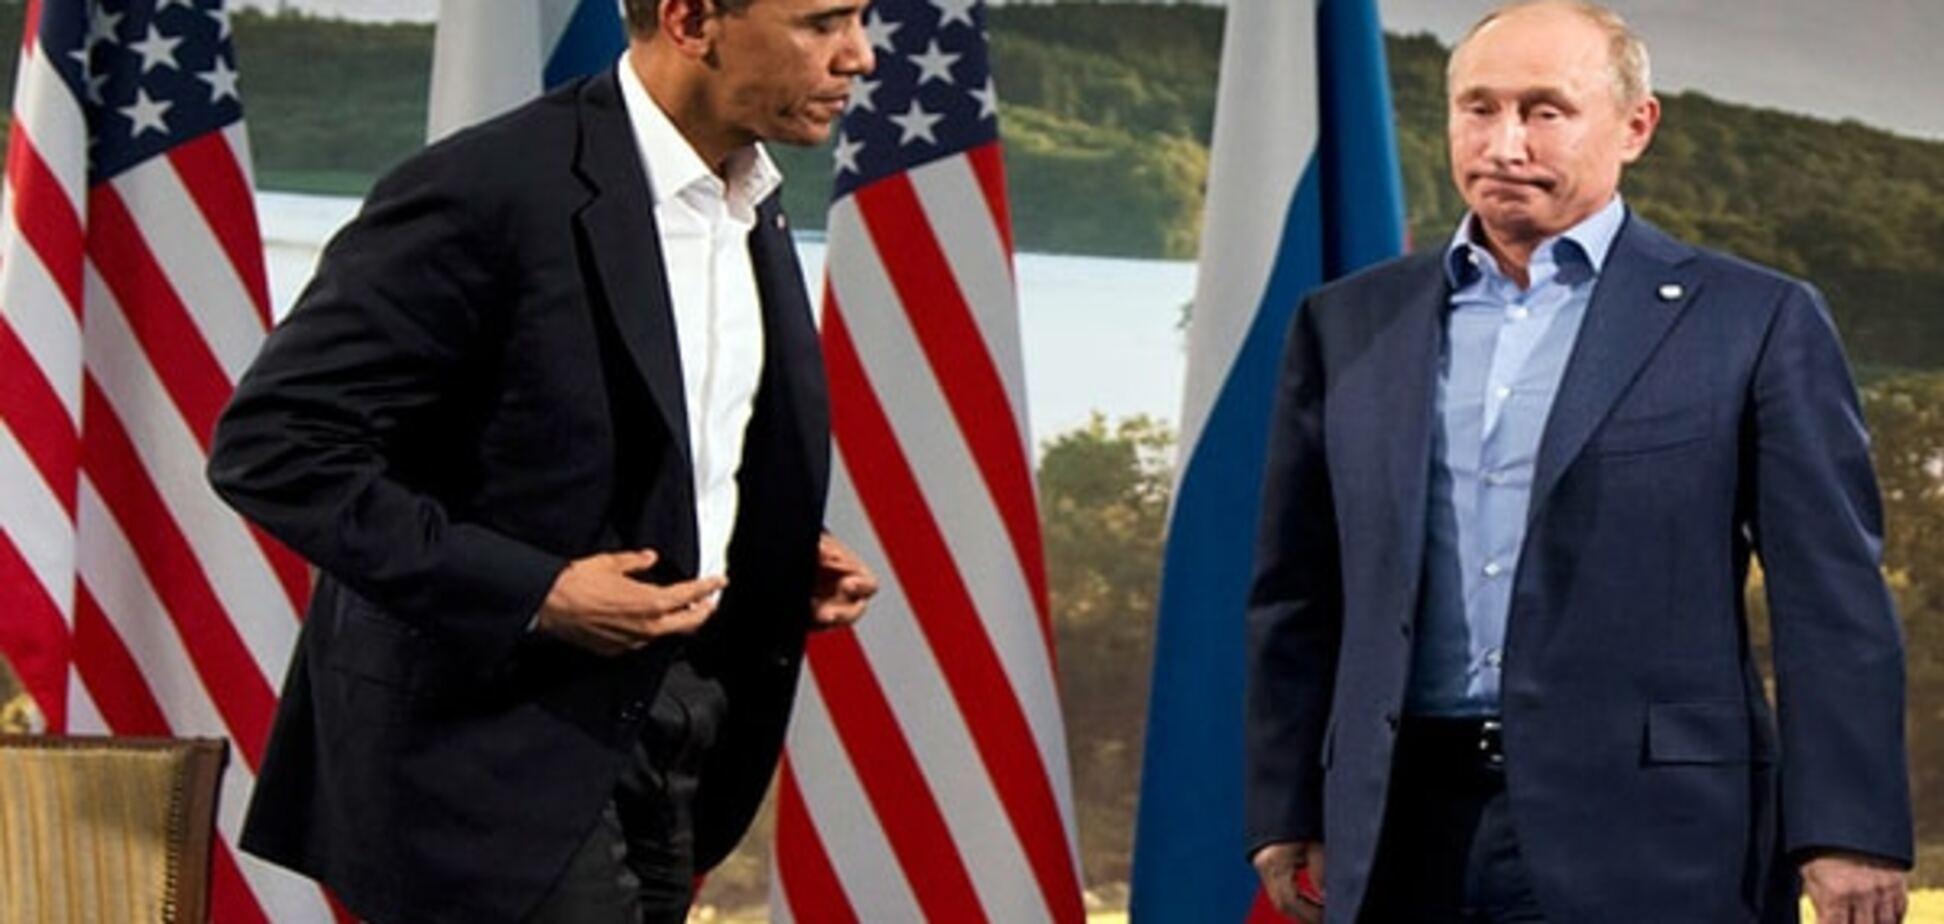 Огрызко: Америка еще не готова играть против России по-крупному